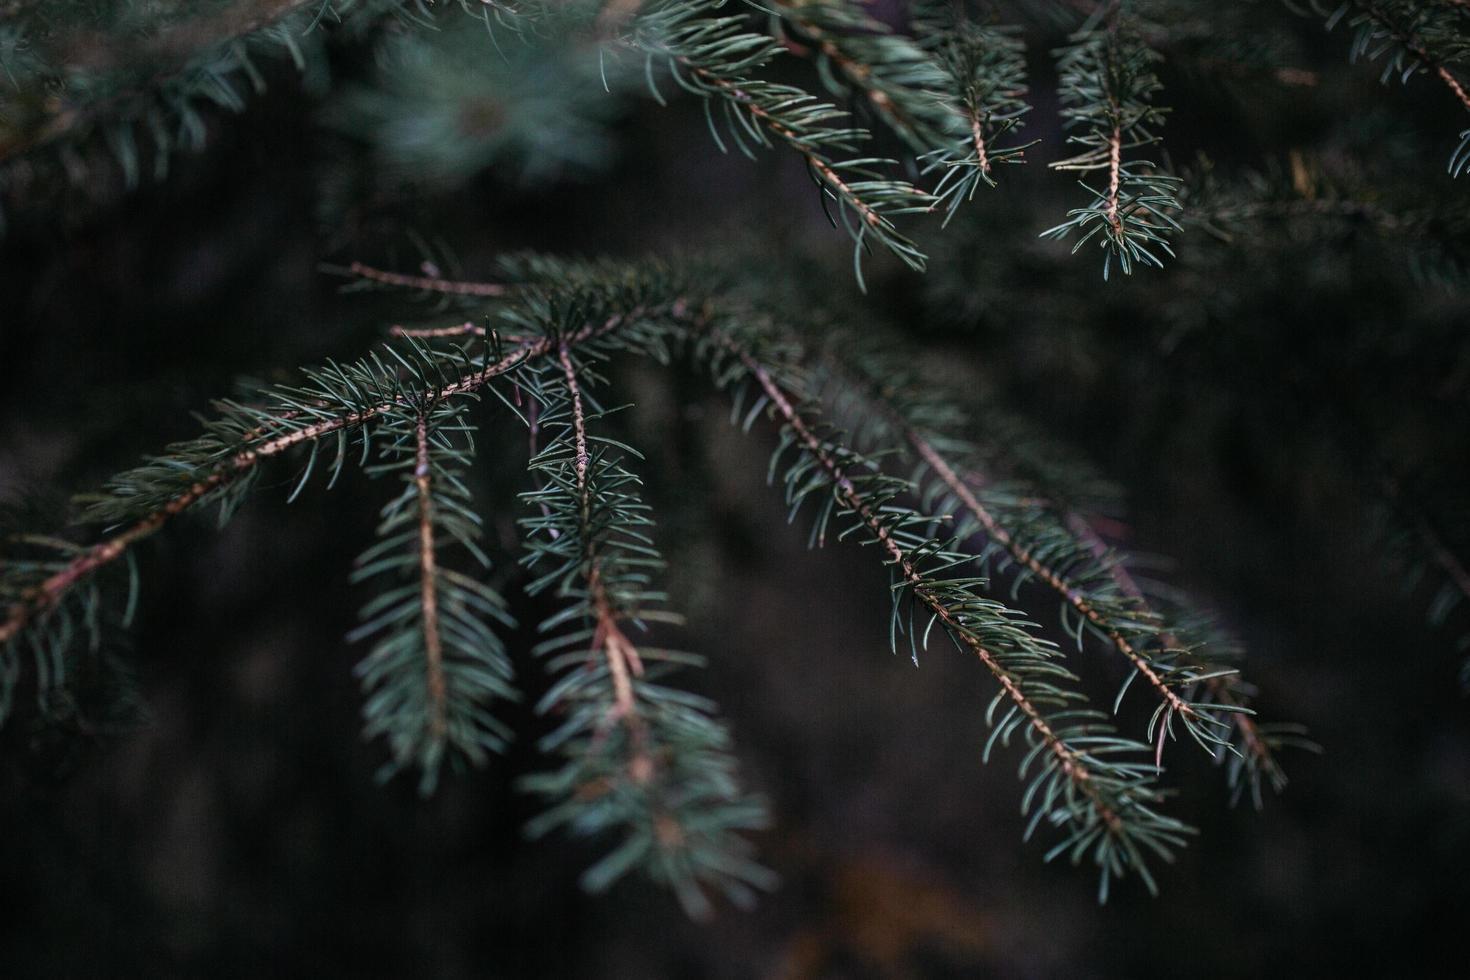 shallow focus fotografia di pino durante il giorno foto